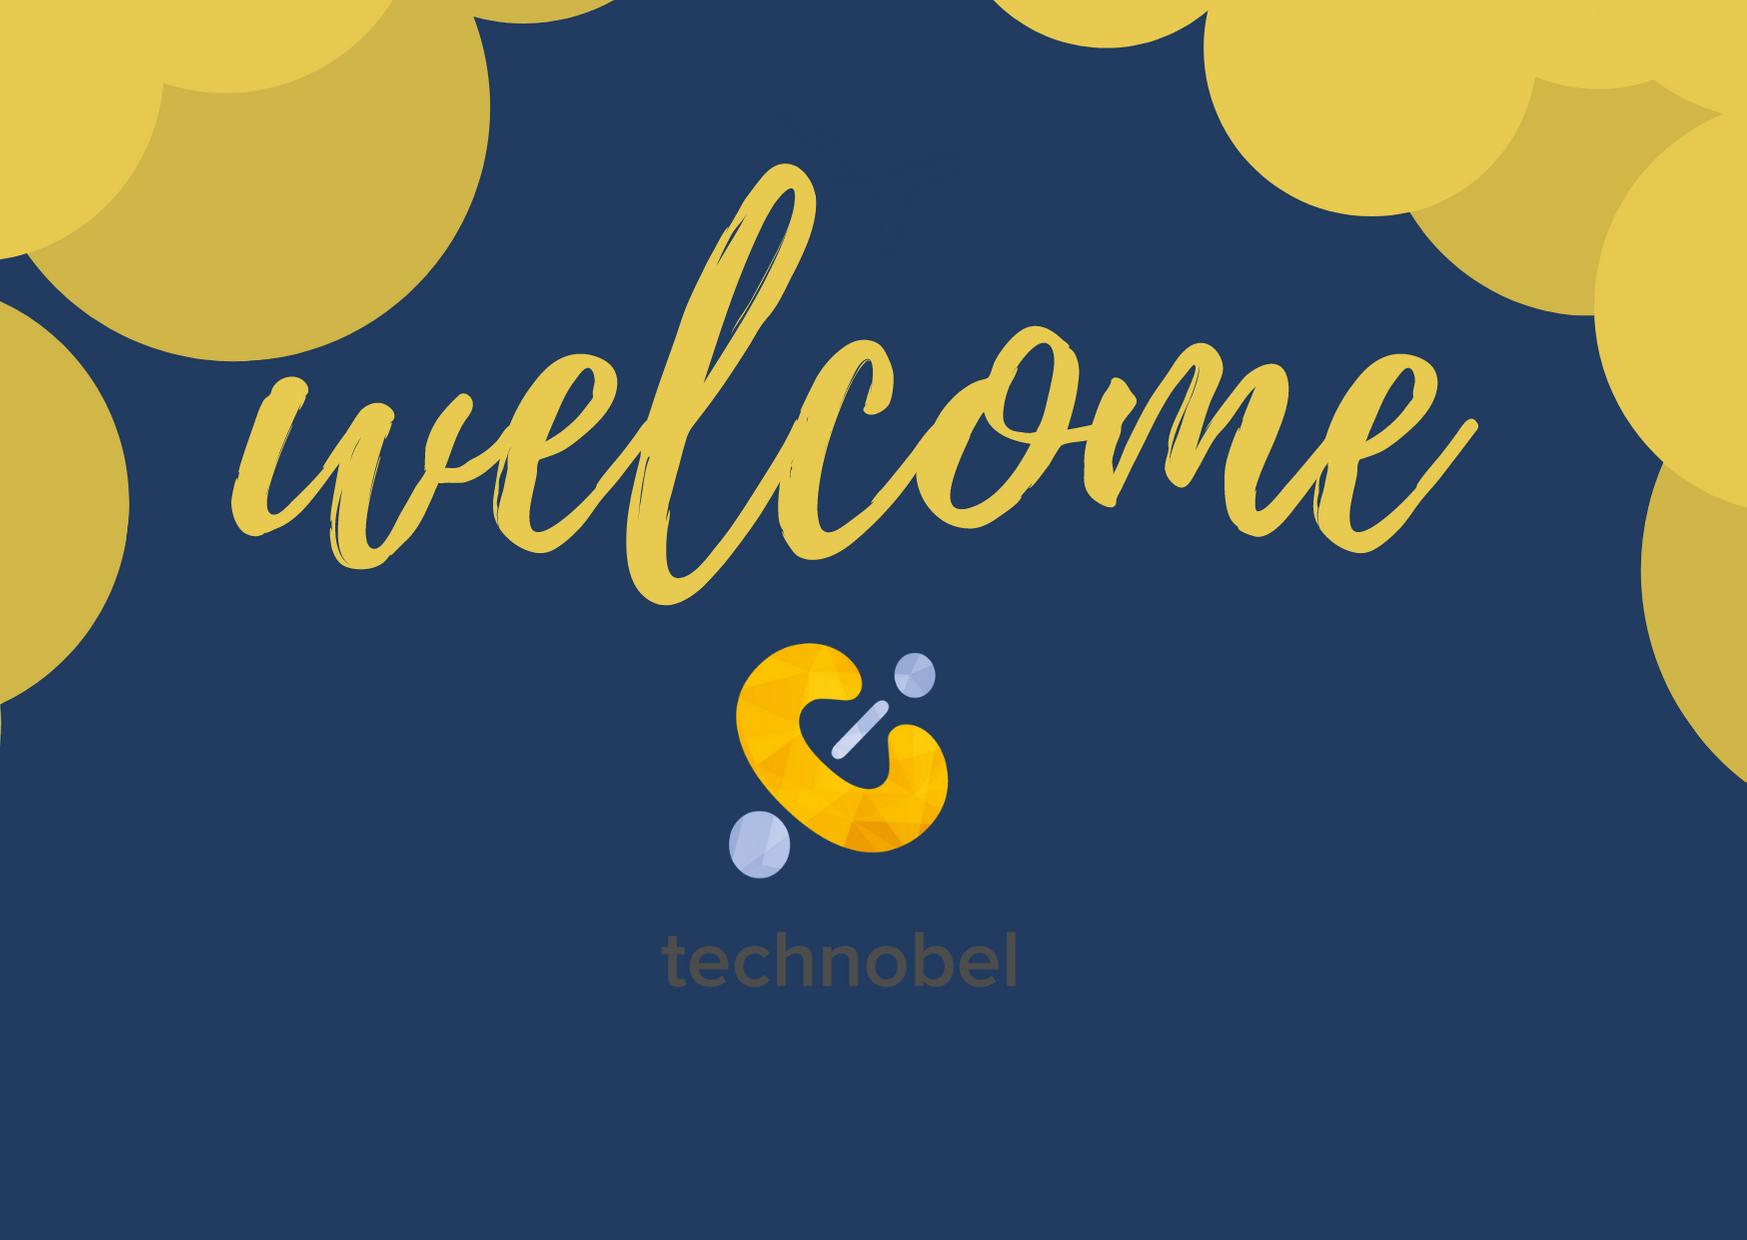 New EVTA Member: Technobel